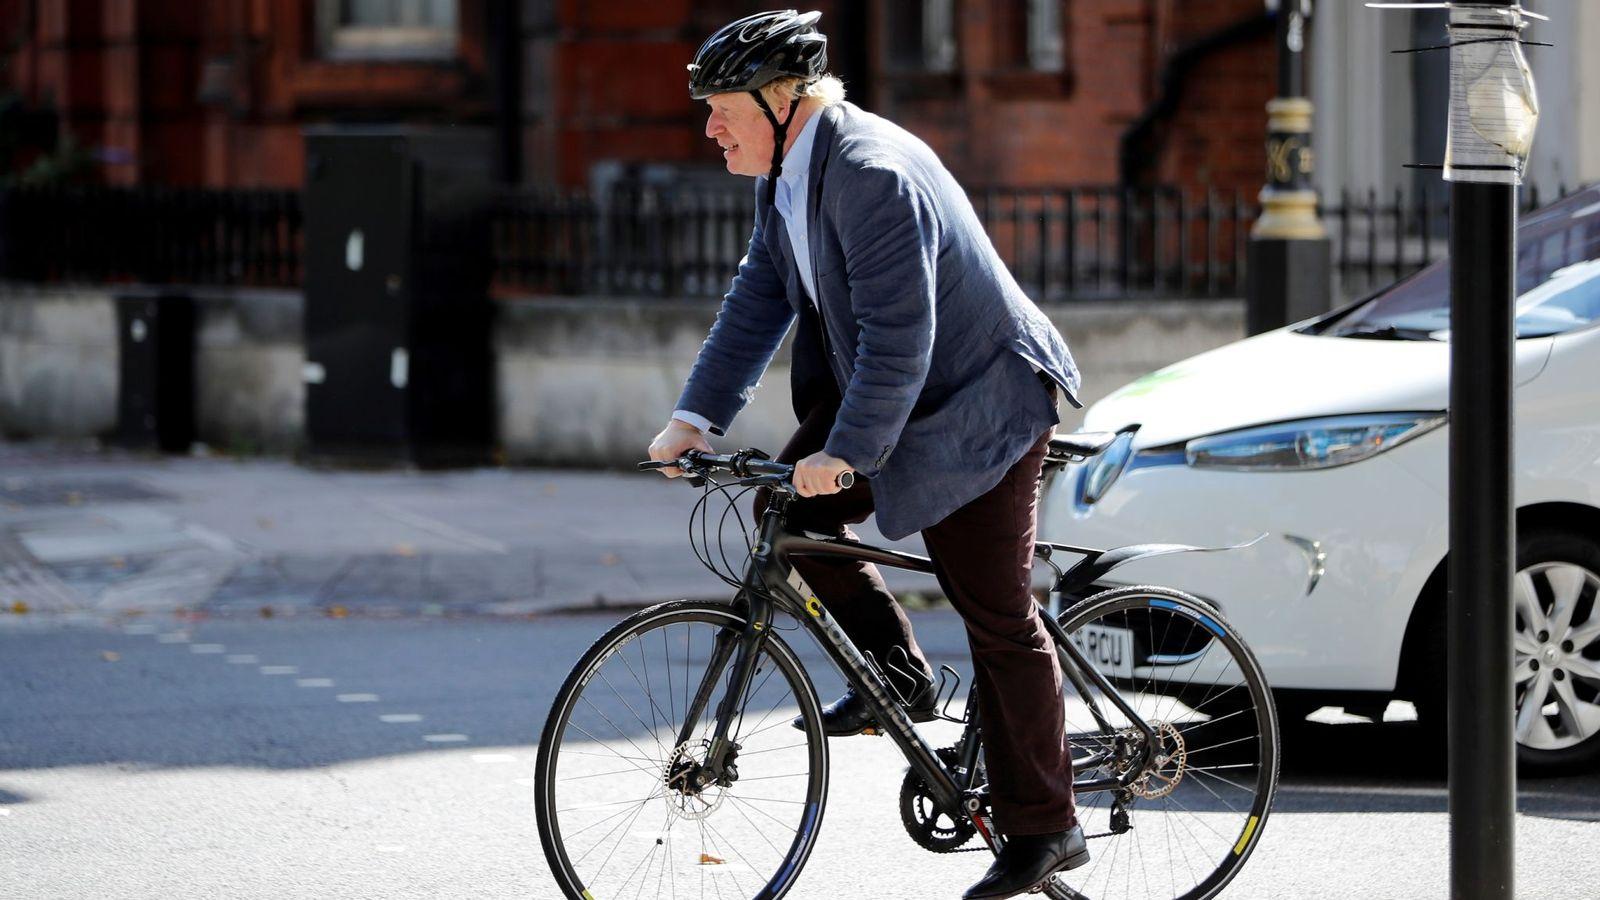 英前外交大臣自曝:上次哭还是骑了8年的车被偷时